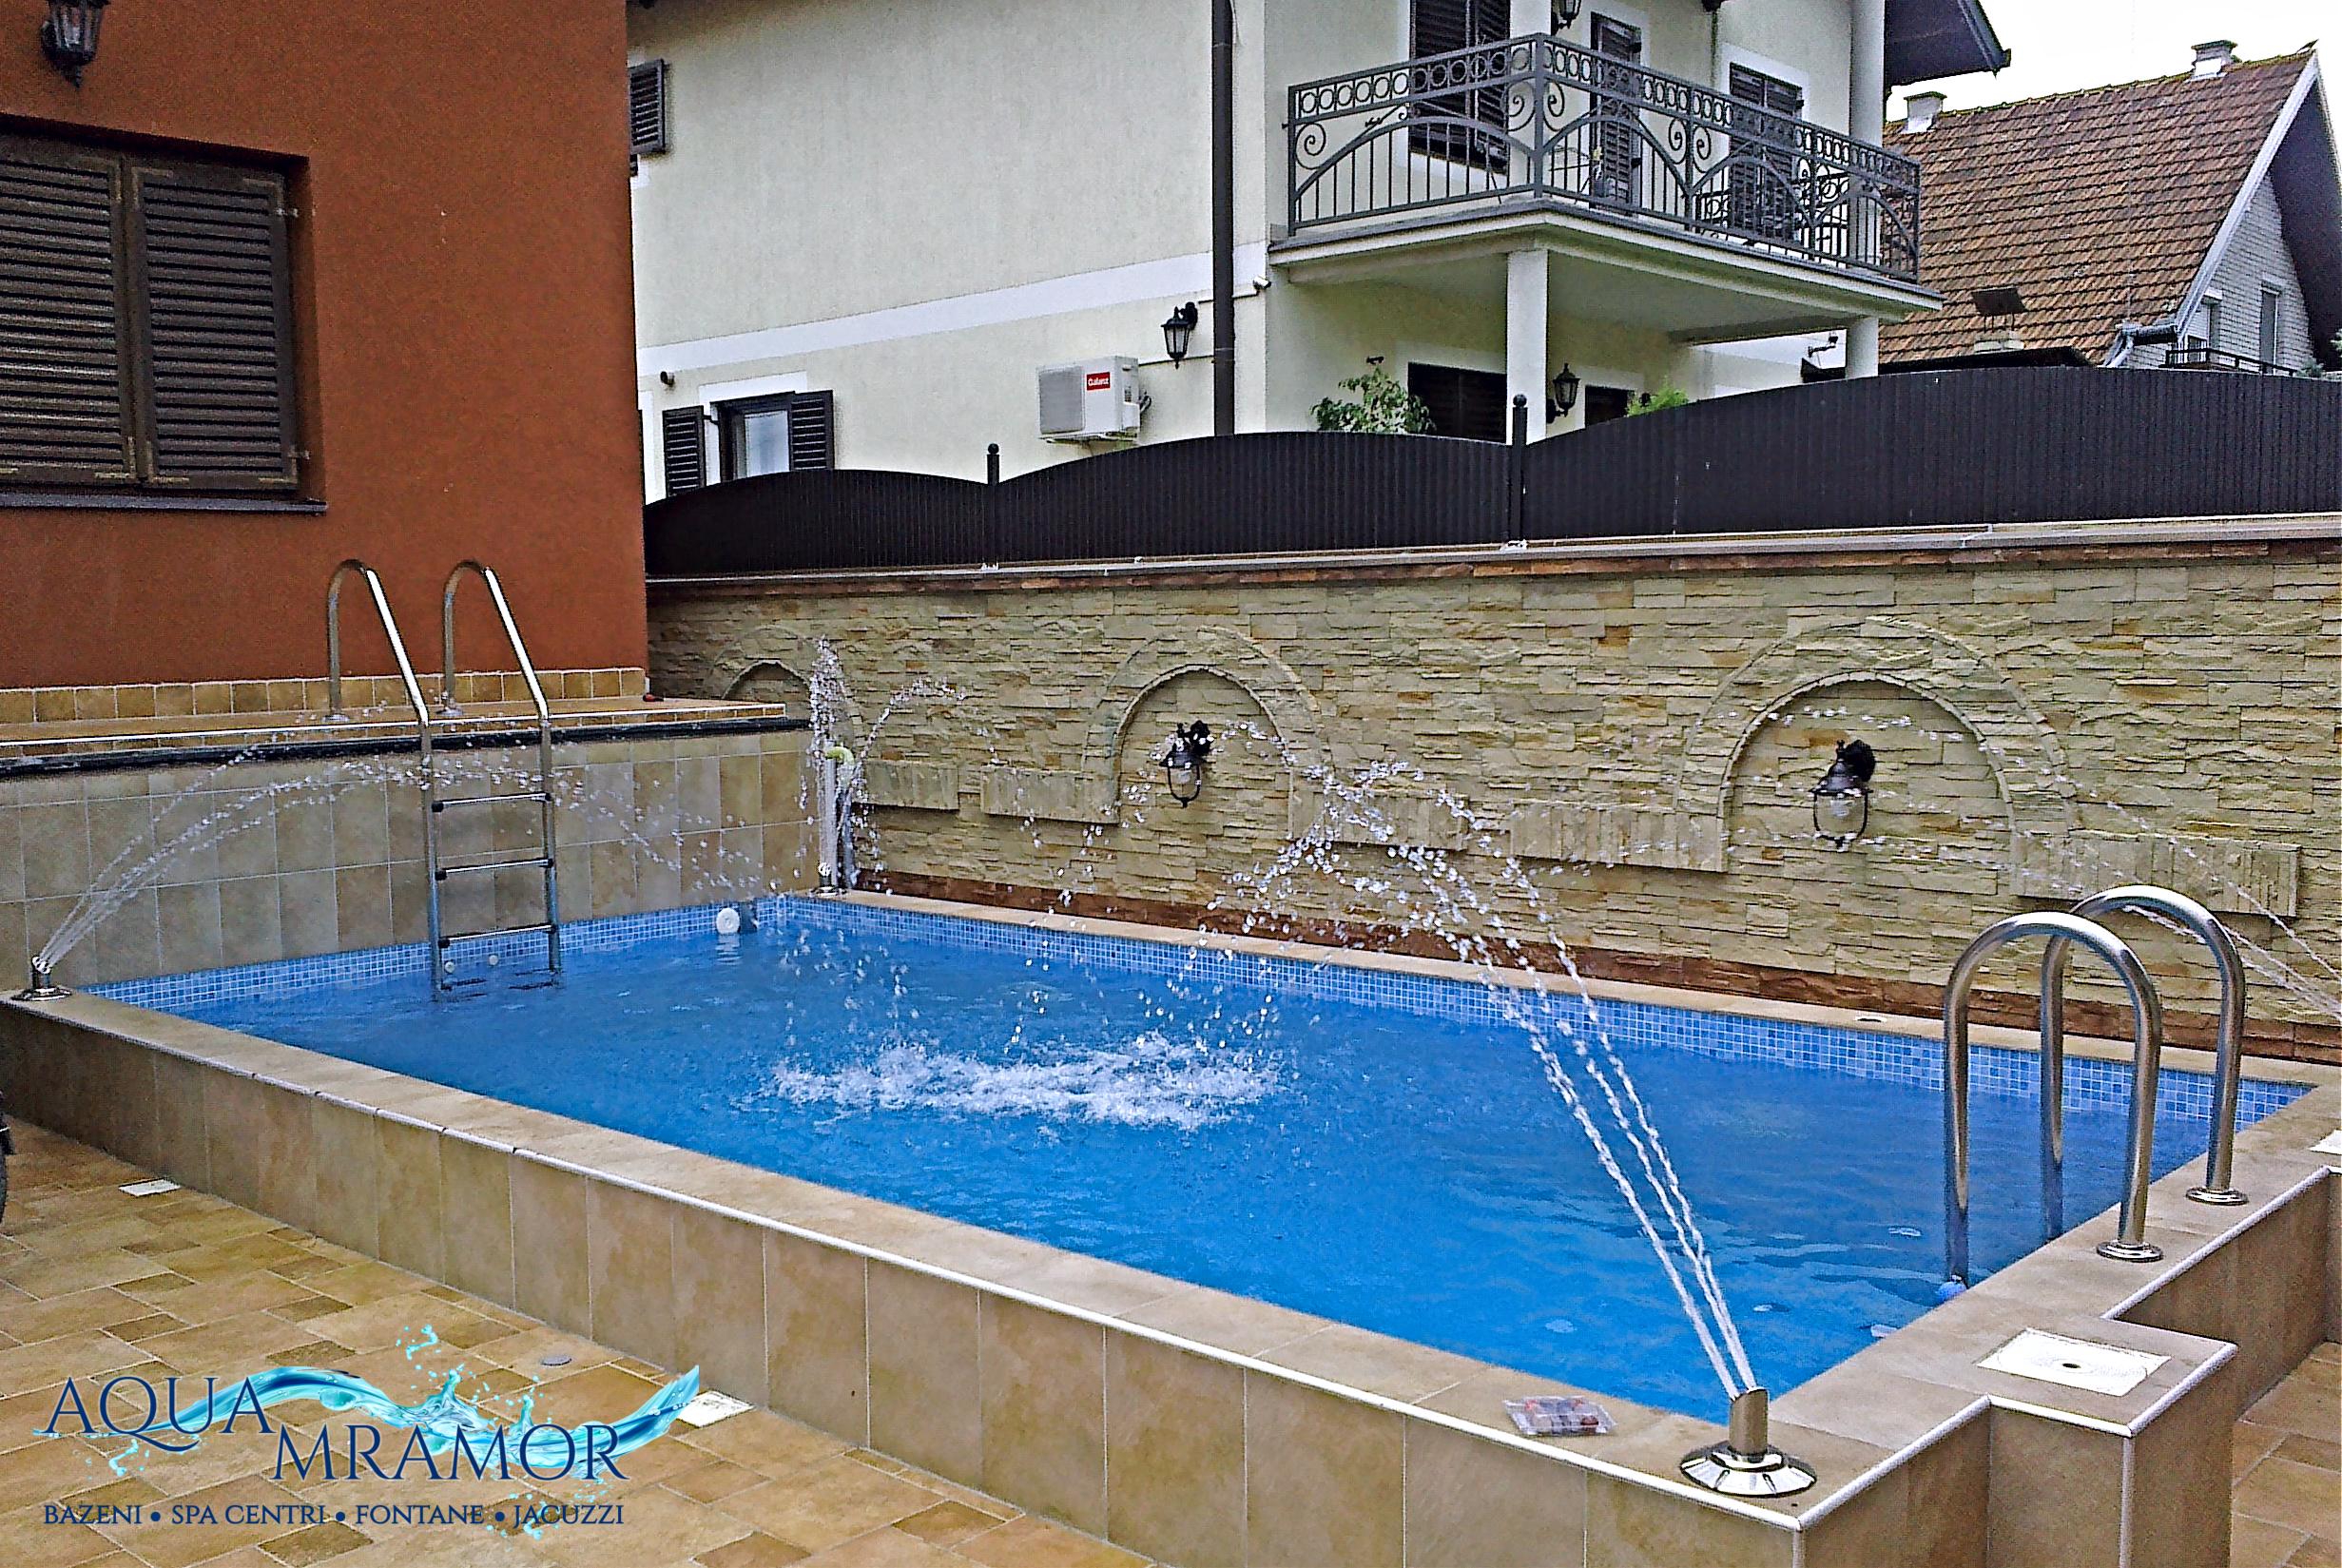 Aqua ramor - Bazen u privatnoj kući